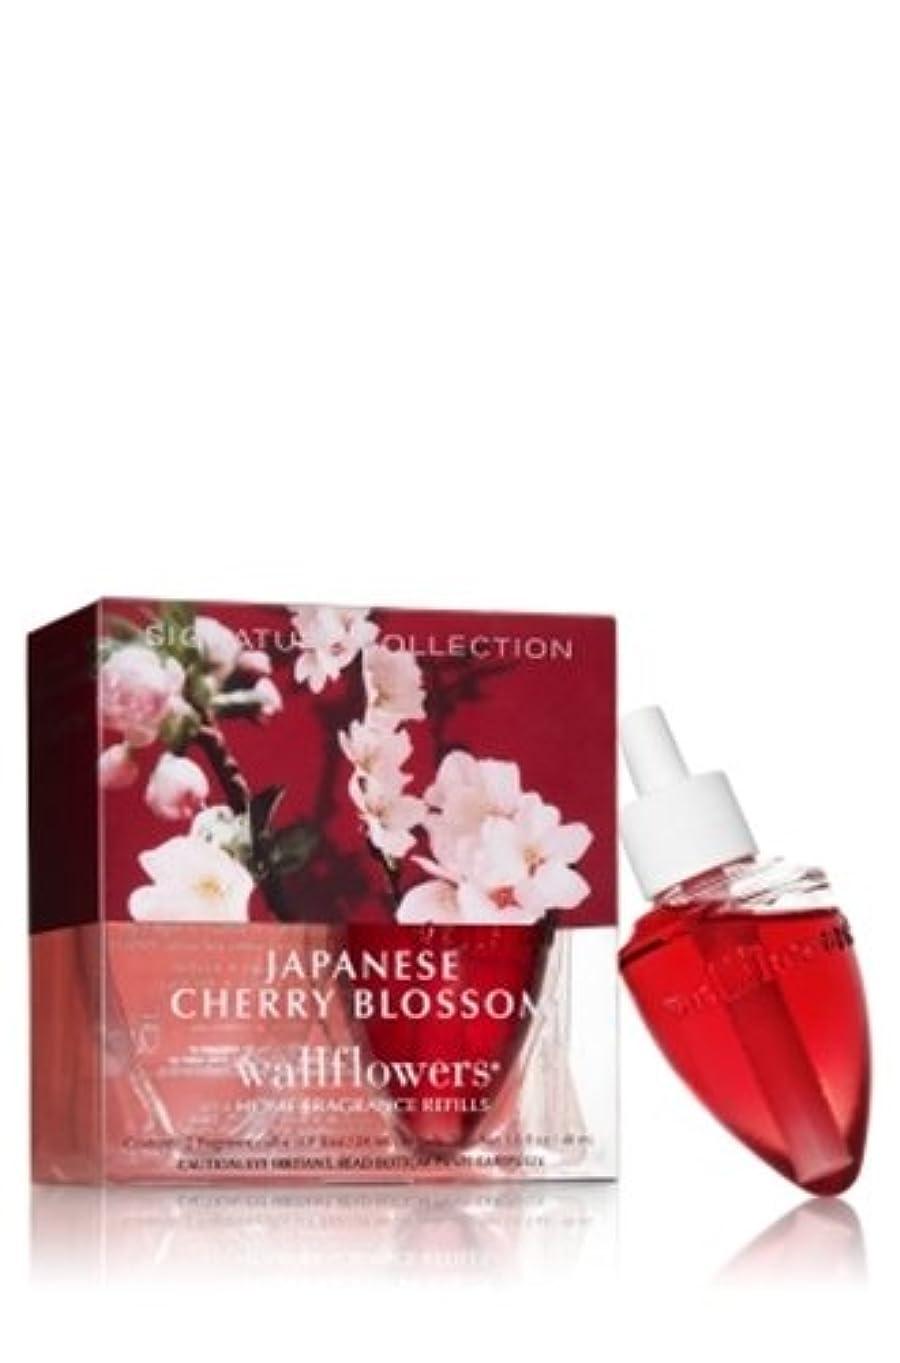 汚物溝シティBath & Body Works(バス&ボディワークス)ジャパニーズチェリーブロッサム ホームフレグランス レフィル2本セット(本体は別売りです)Japanese Cherry Blossom Wallflowers...